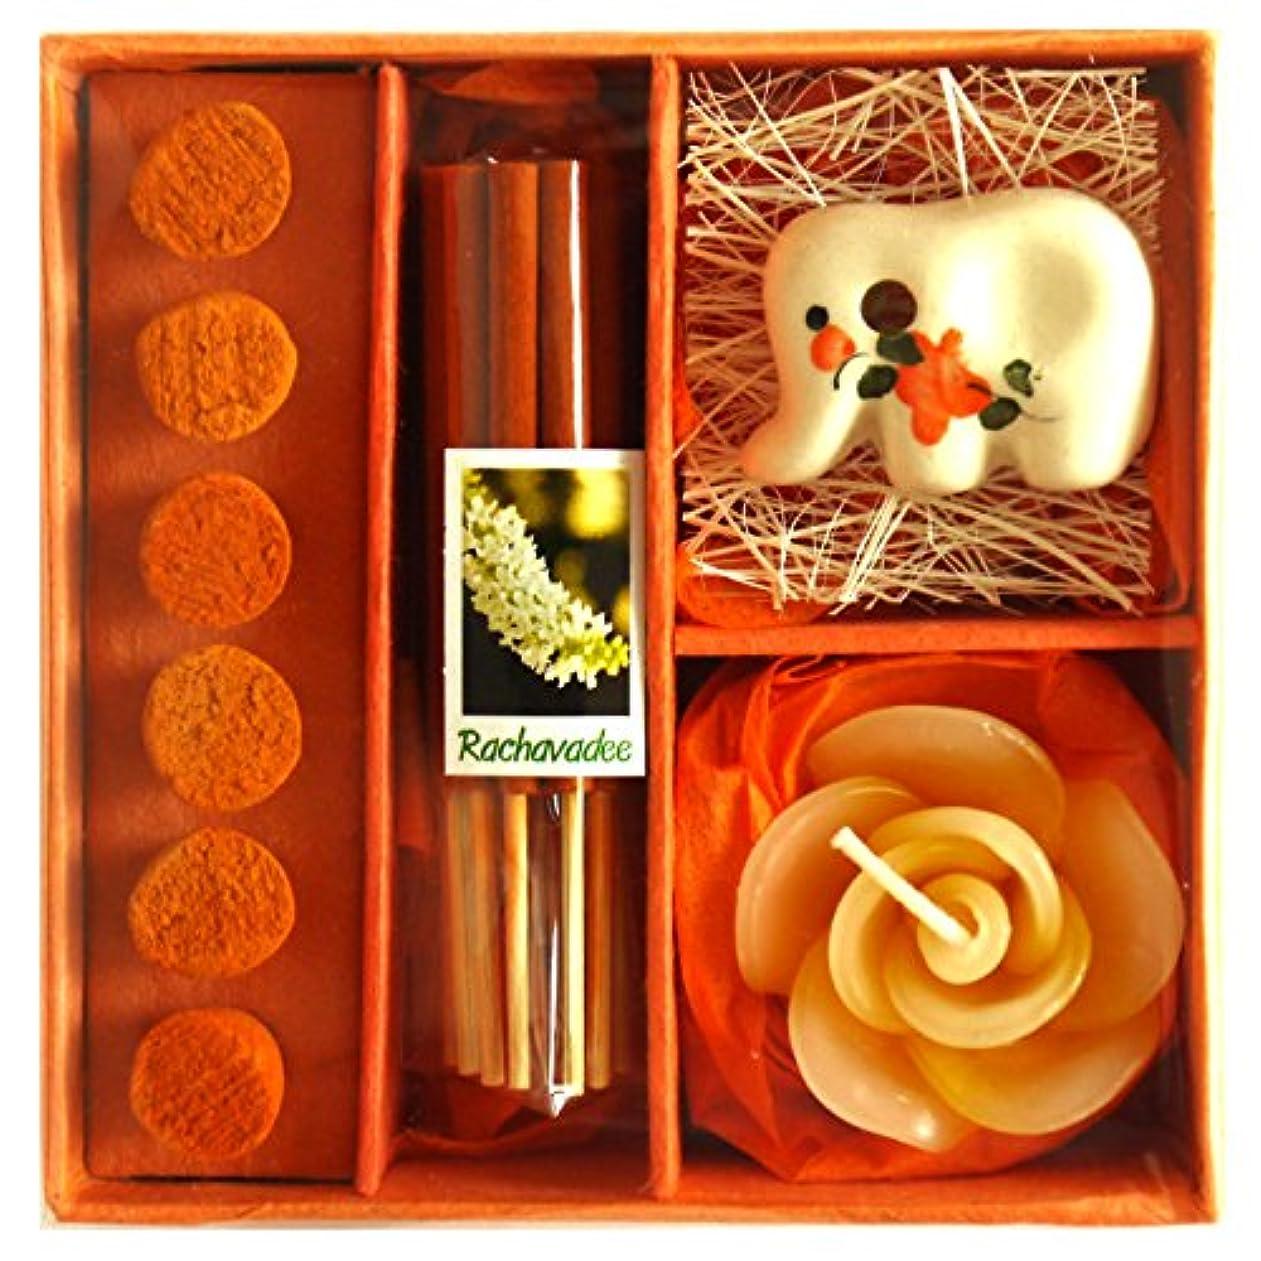 一月口束アロマギフトBOX 退職ギフト 色おまかせ 香りつきアロマキャンドル 2種類のお香 陶器製お香立ての入ったギフトセット サンキューシール付き